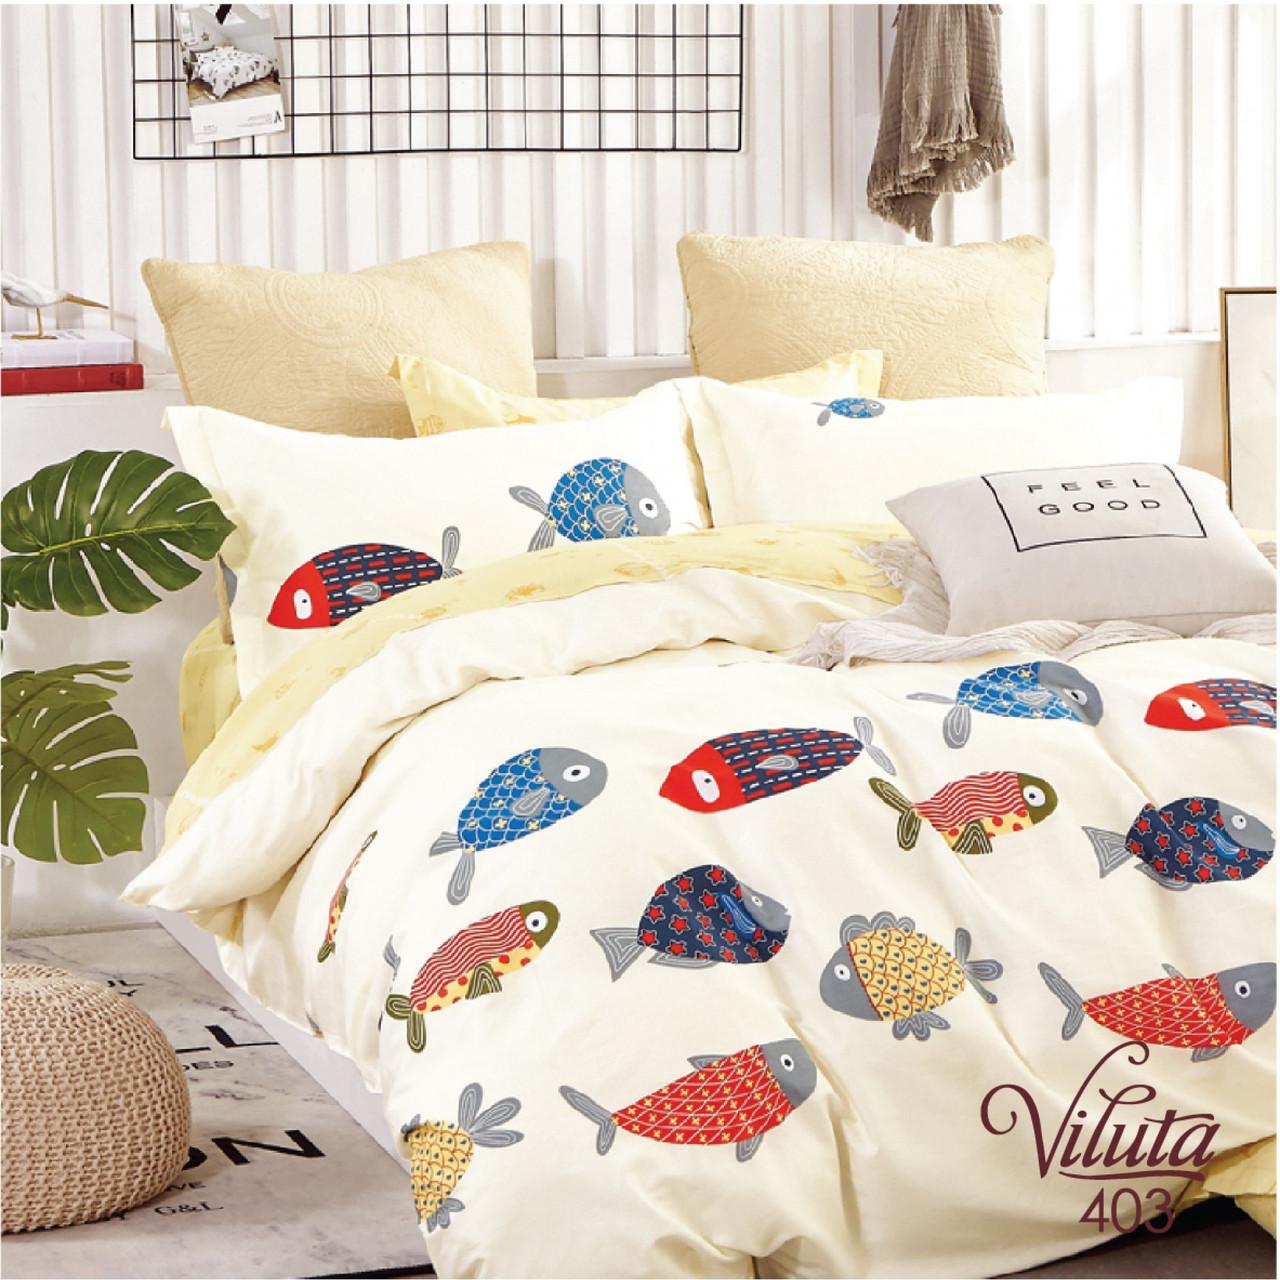 Подростковое постельное белье Viluta 403 сатин 143*205